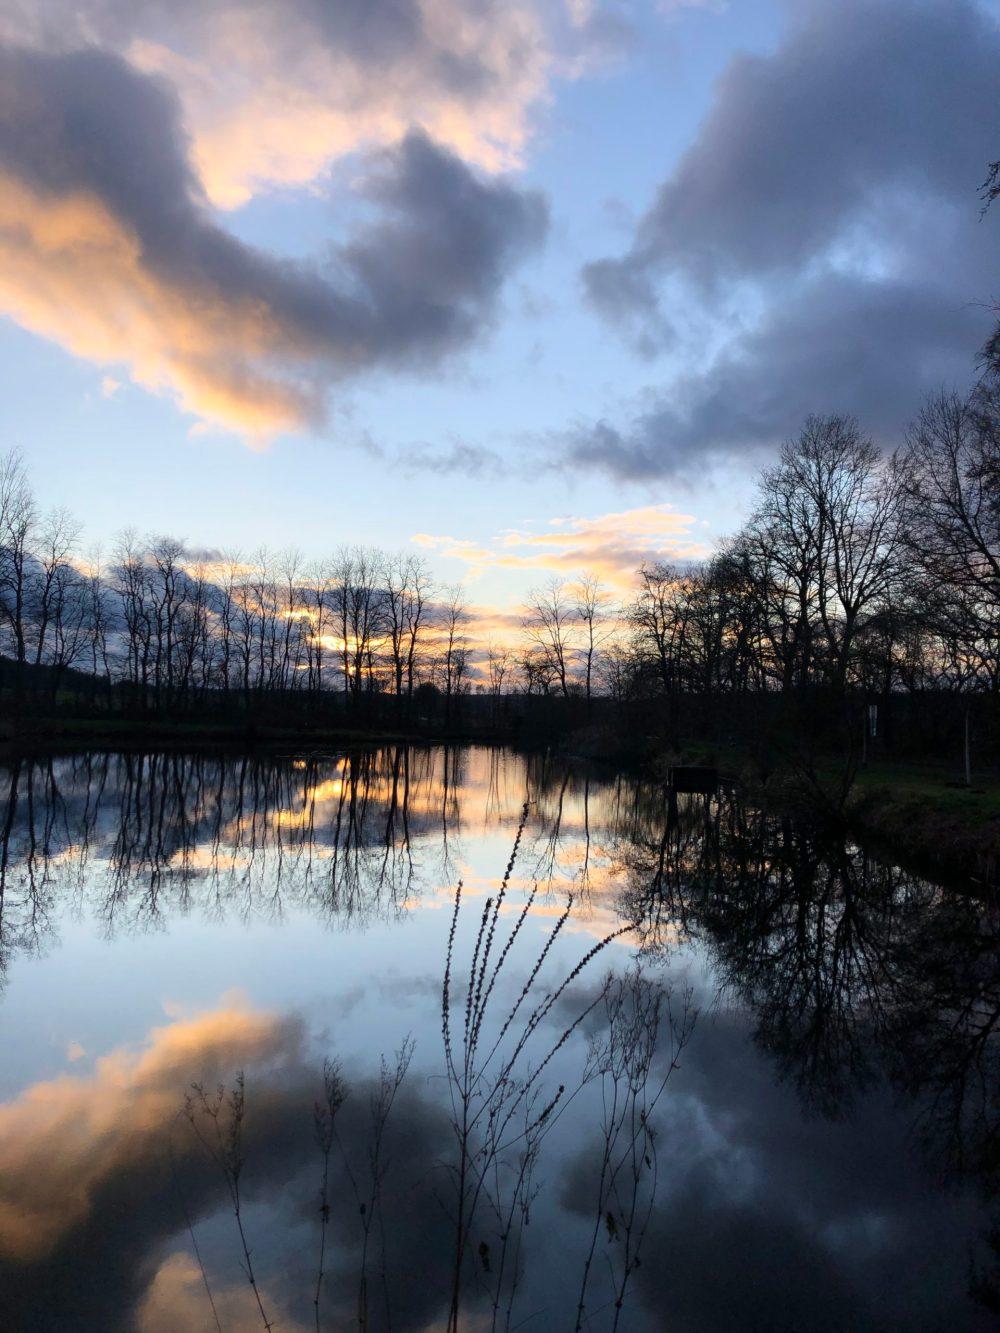 Von der untergehenden Sonne gefärbte Wolken über einem Gewässer